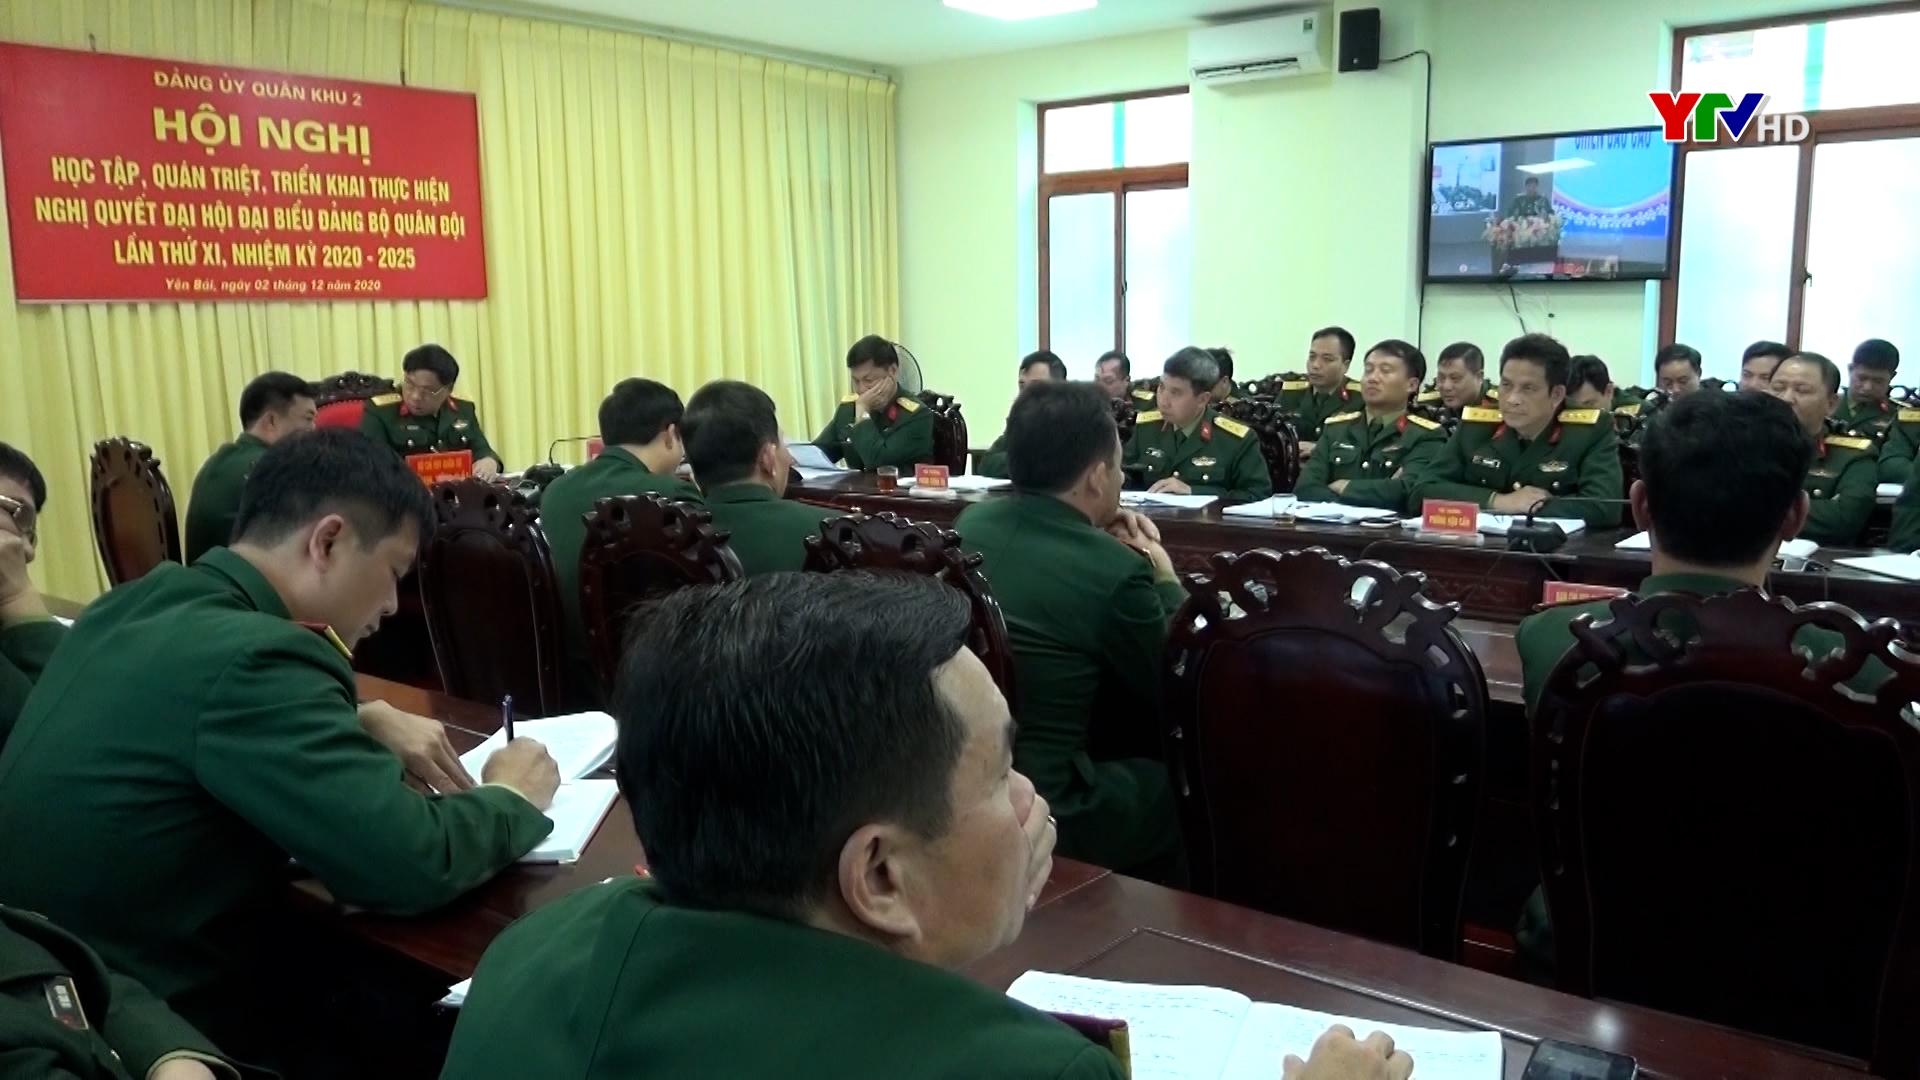 Đảng ủy Quân khu 2 quán triệt triển khai thực hiện Nghị quyết Đại hội Đảng bộ Quân đội lần thứ XI